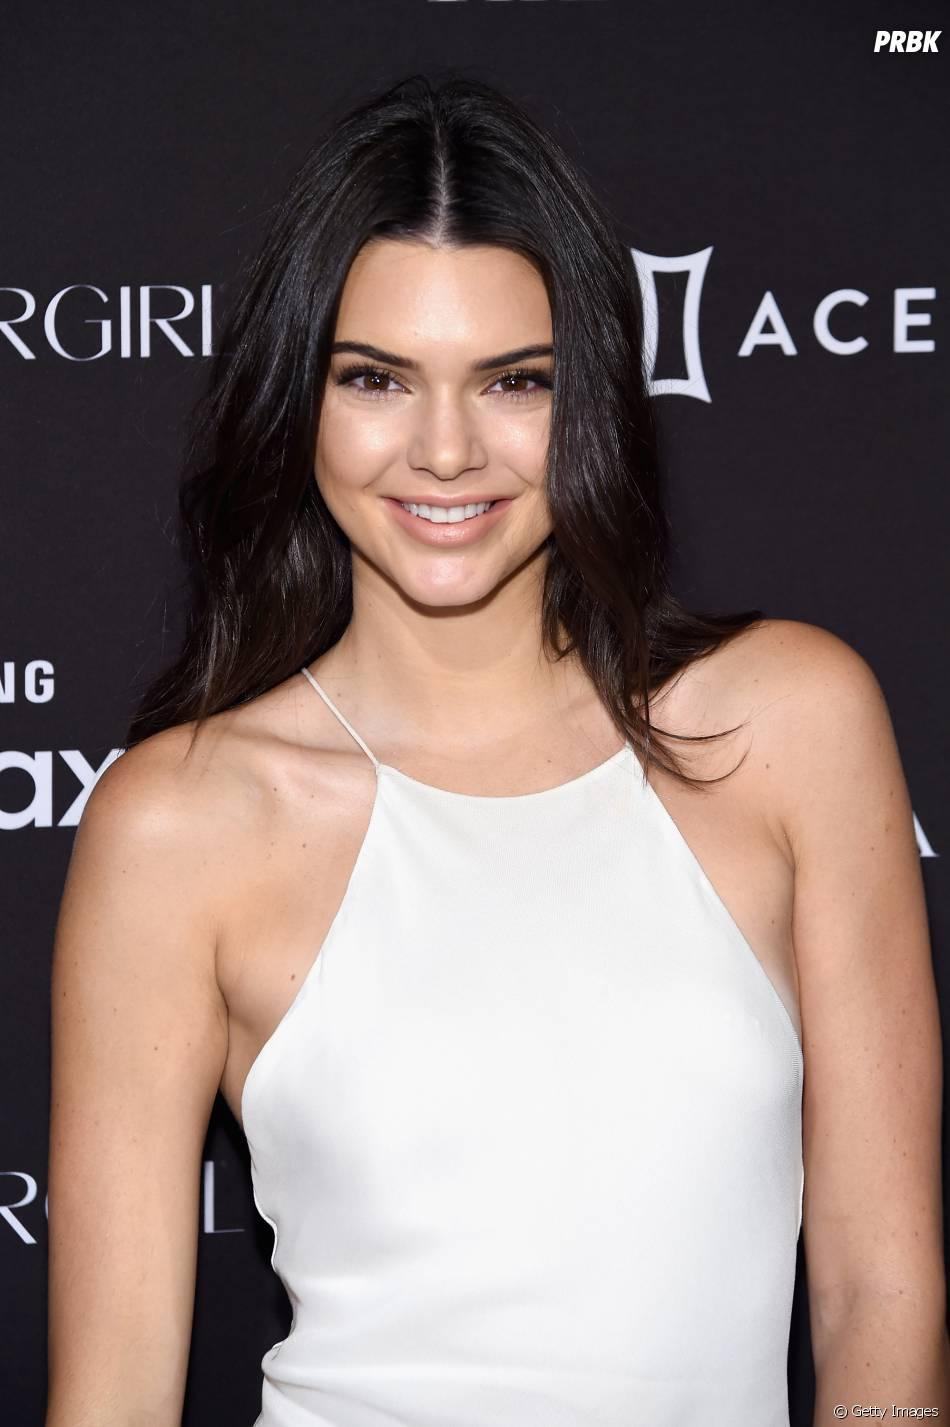 Kendall Jenner garante que não acompanha mentiras sobre sua vida na mídia